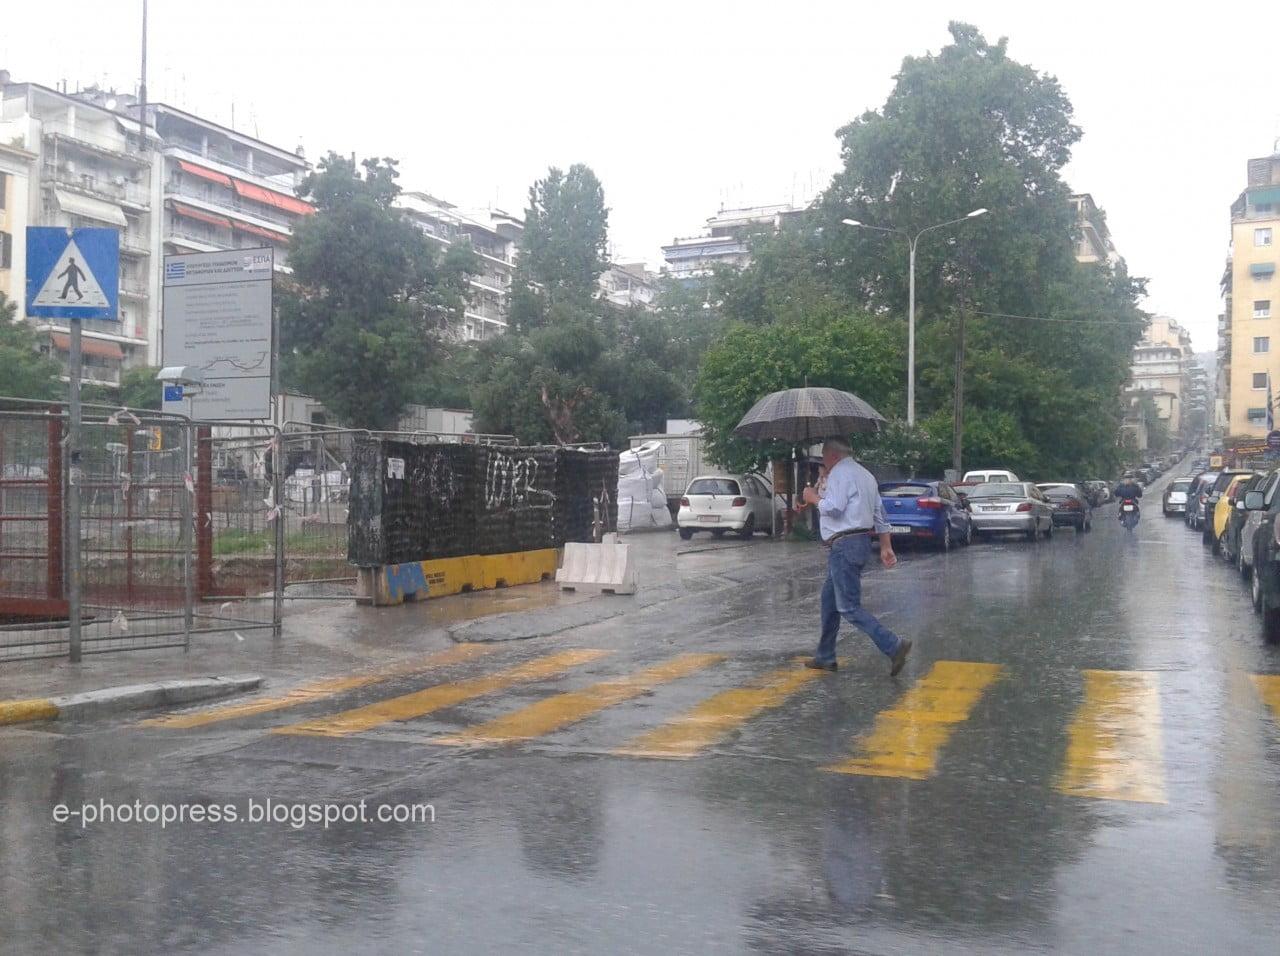 βροχή φωτο Σάββας Αυγητίδης